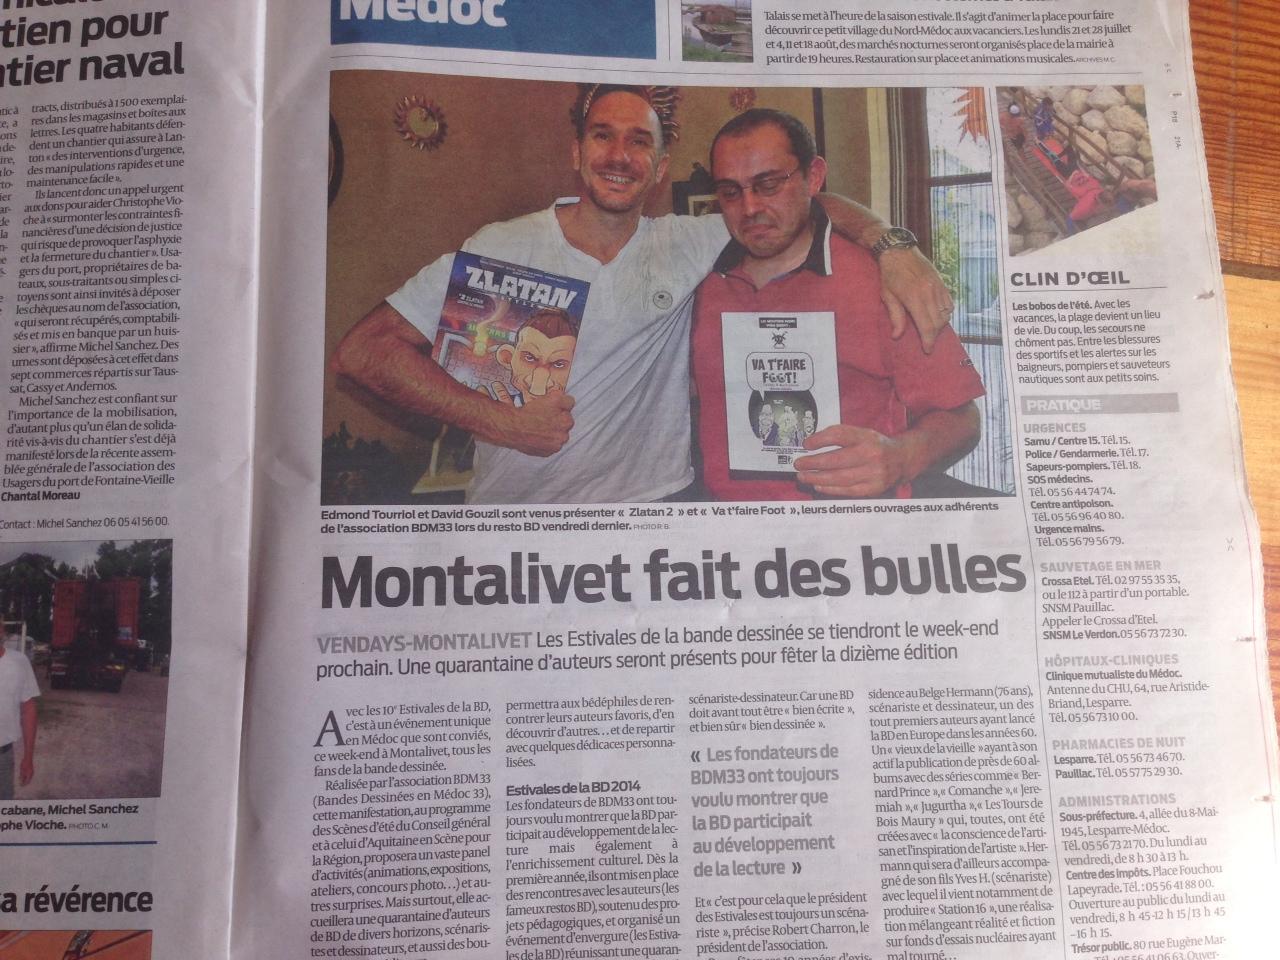 Les Estivales de Montalivet dans le journal Sud-Ouest.